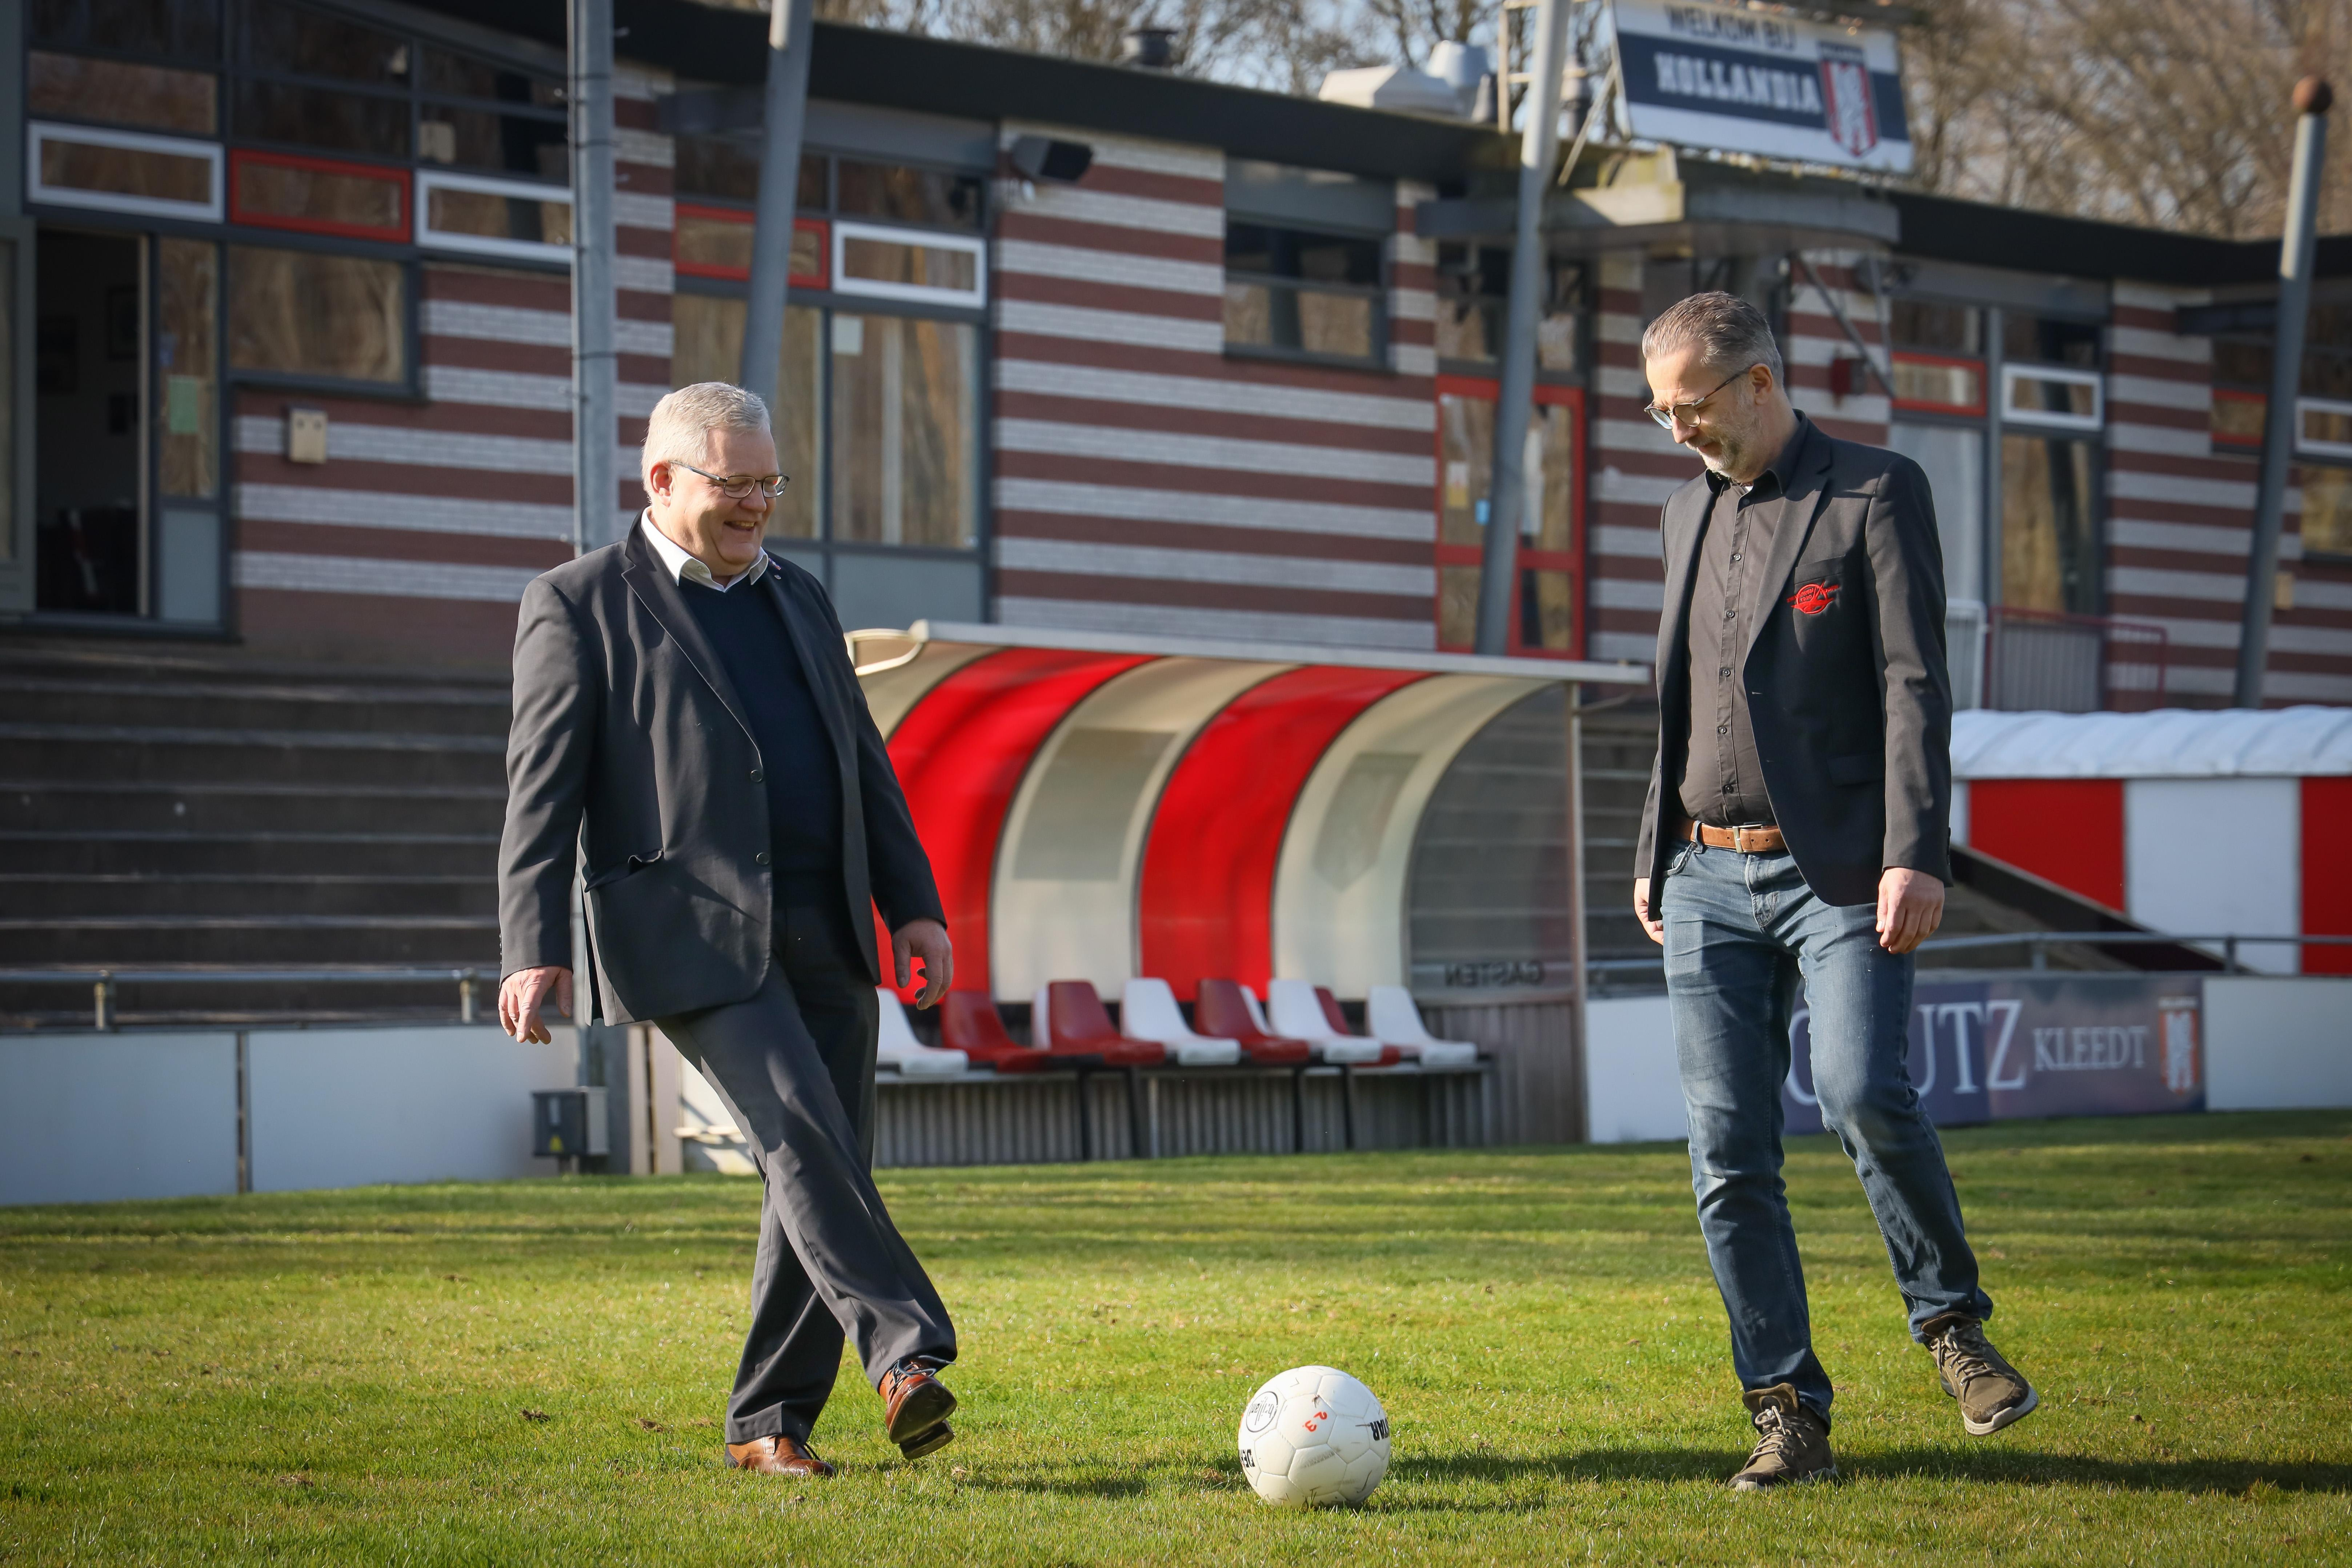 Voetbalclubs Hollandia en Zwaluwen '30 beginnen geduld te verliezen, nu fusie minstens jaar is uitgesteld. 'We willen geen speelbal van Hoorn worden'